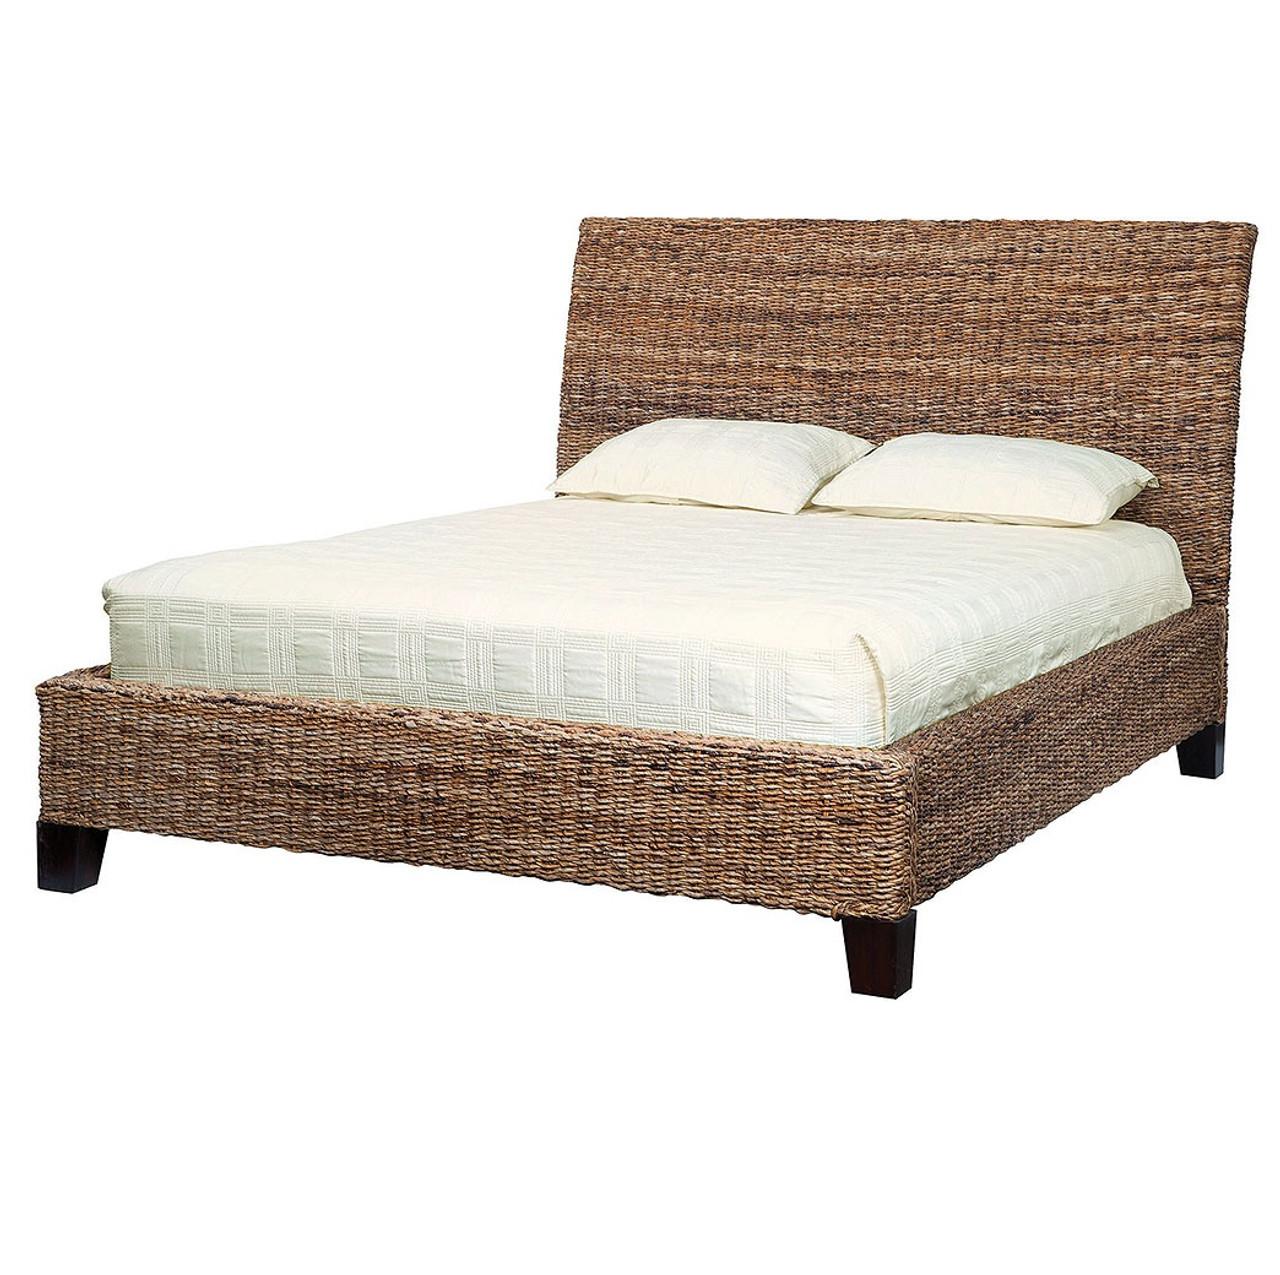 Lanai Banana Leaf Woven King Platform Bed | Rattan King Size Beds ...